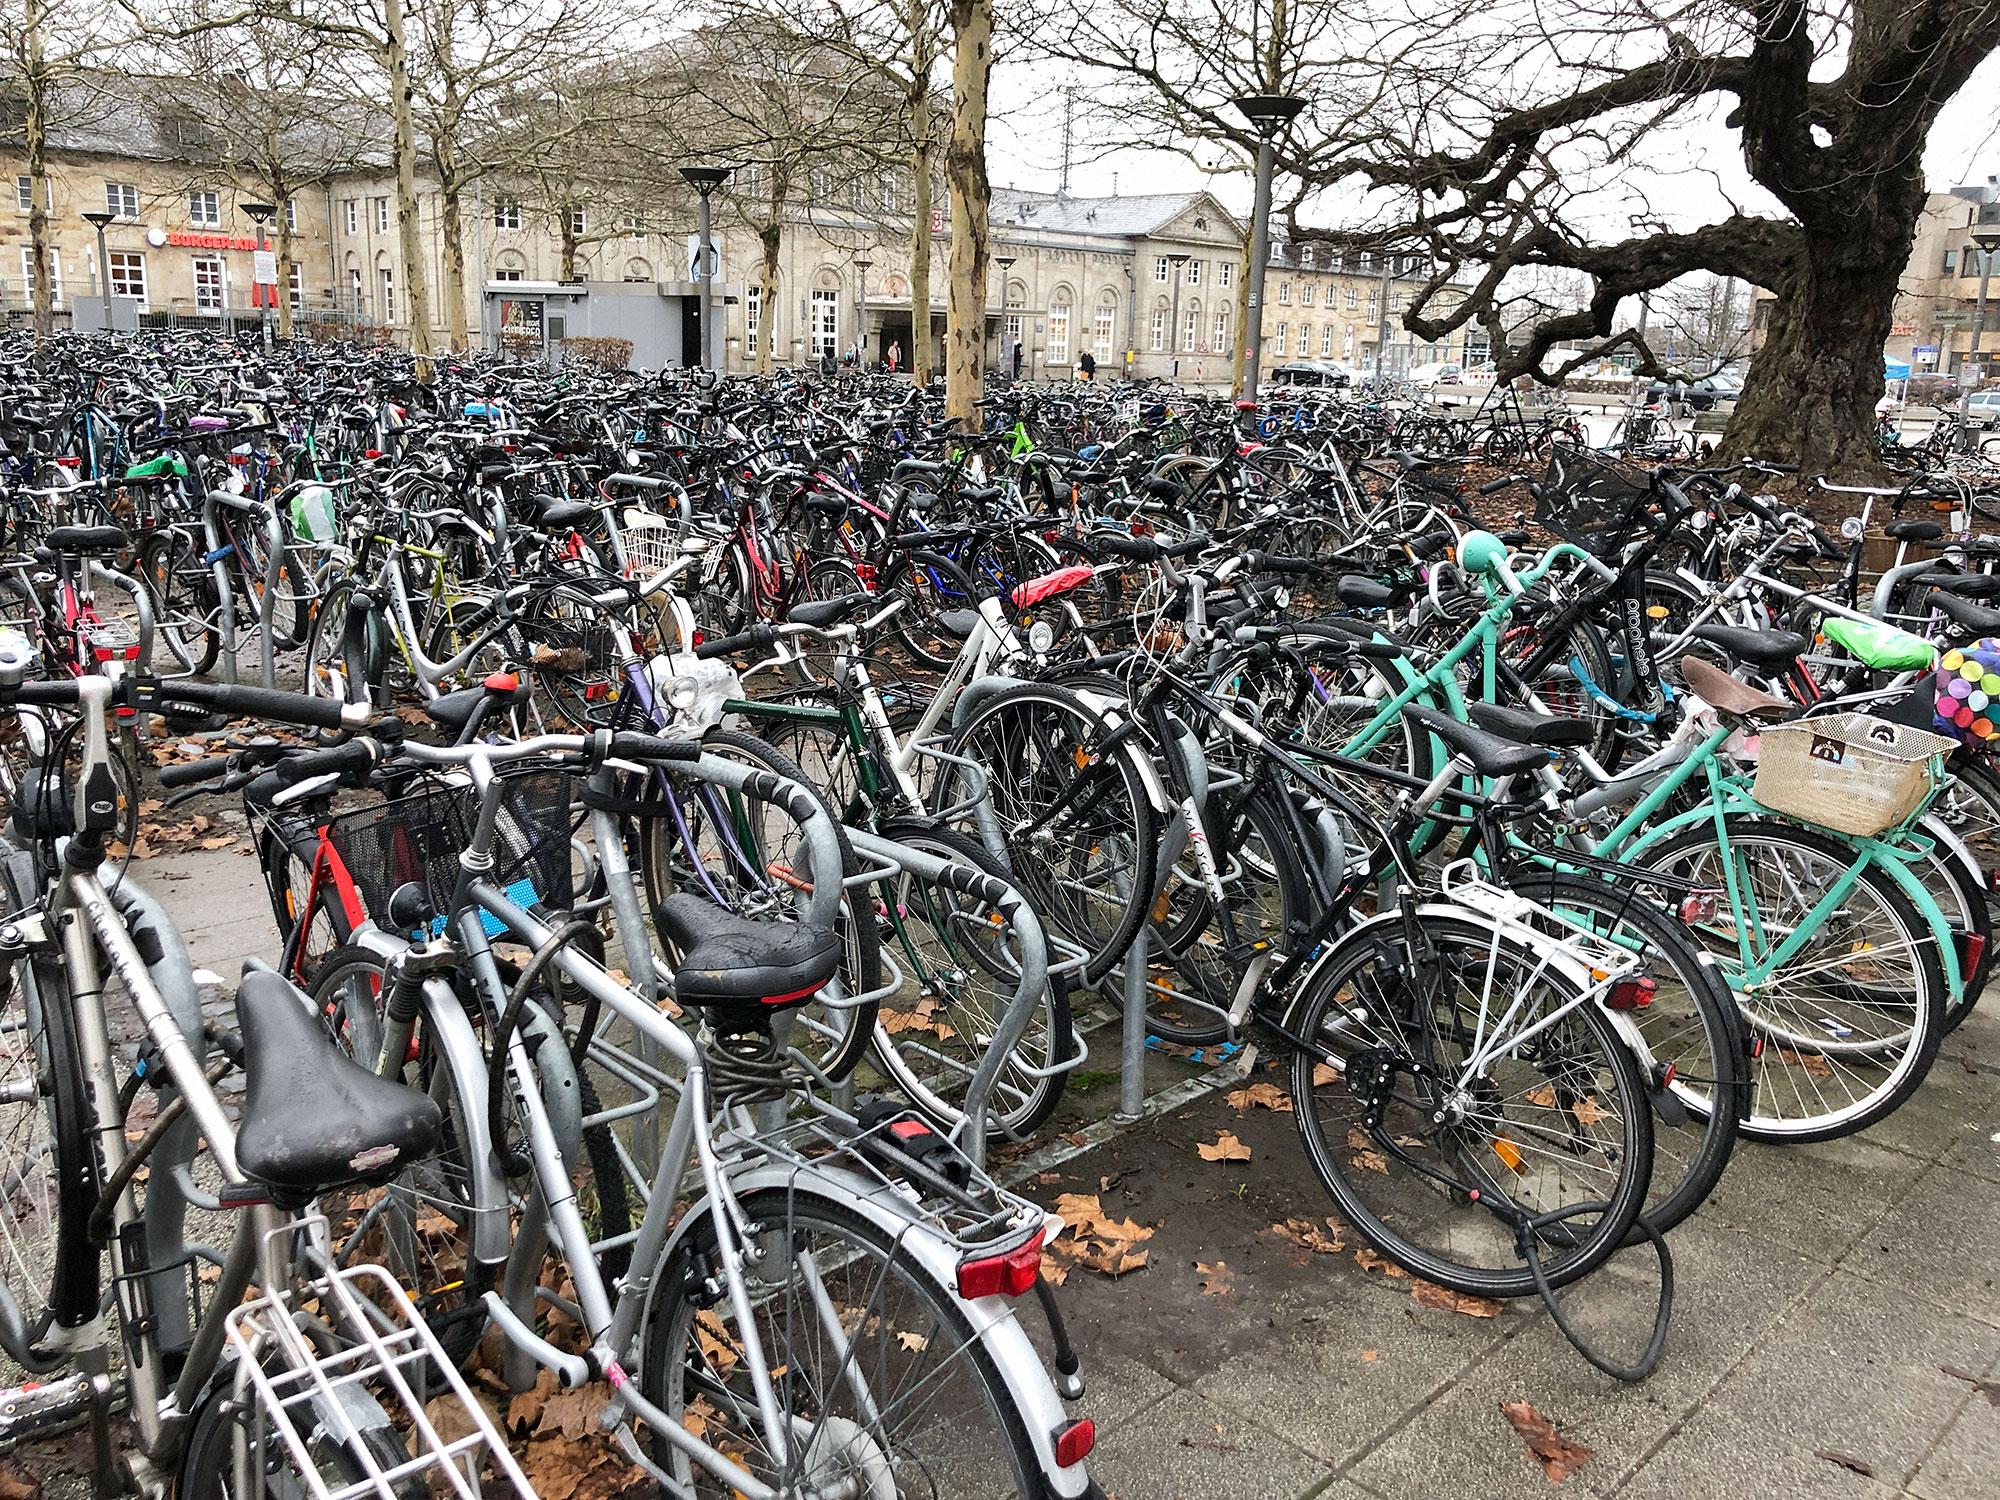 Juergen Teller, Bicycles at Göttingen Bahnhof No.1, 2019 © Juergen Teller, All Rights Reserved